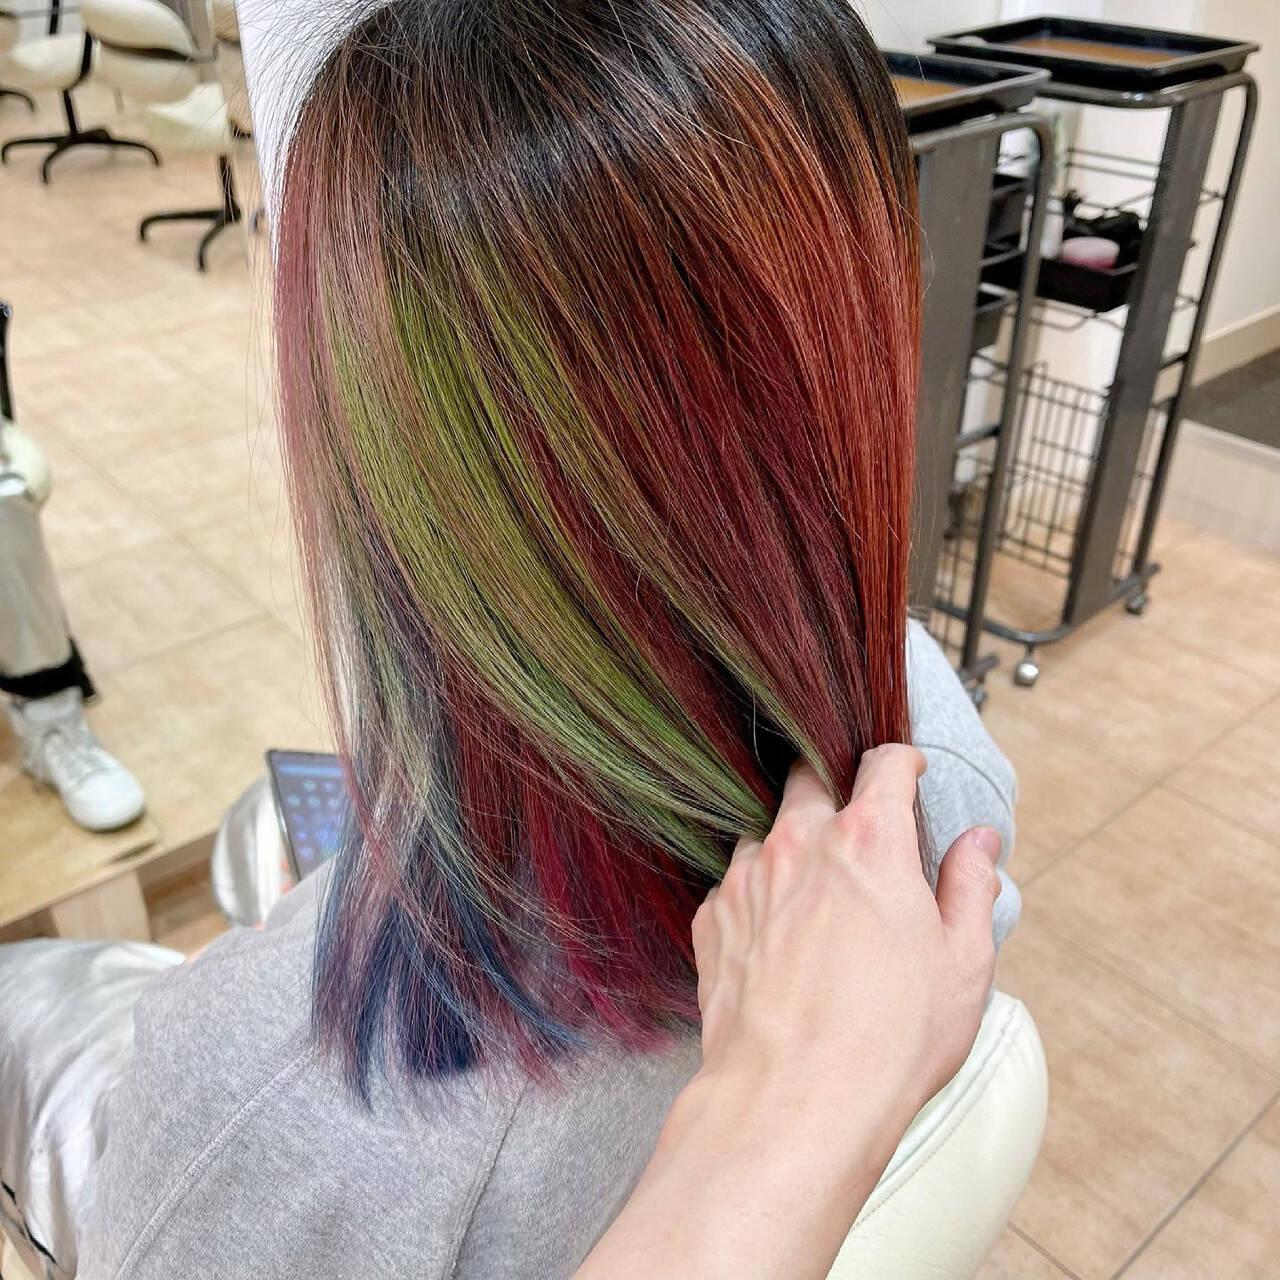 ミディアム ブリーチ ハデ髪 ユニコーンカラーヘアスタイルや髪型の写真・画像